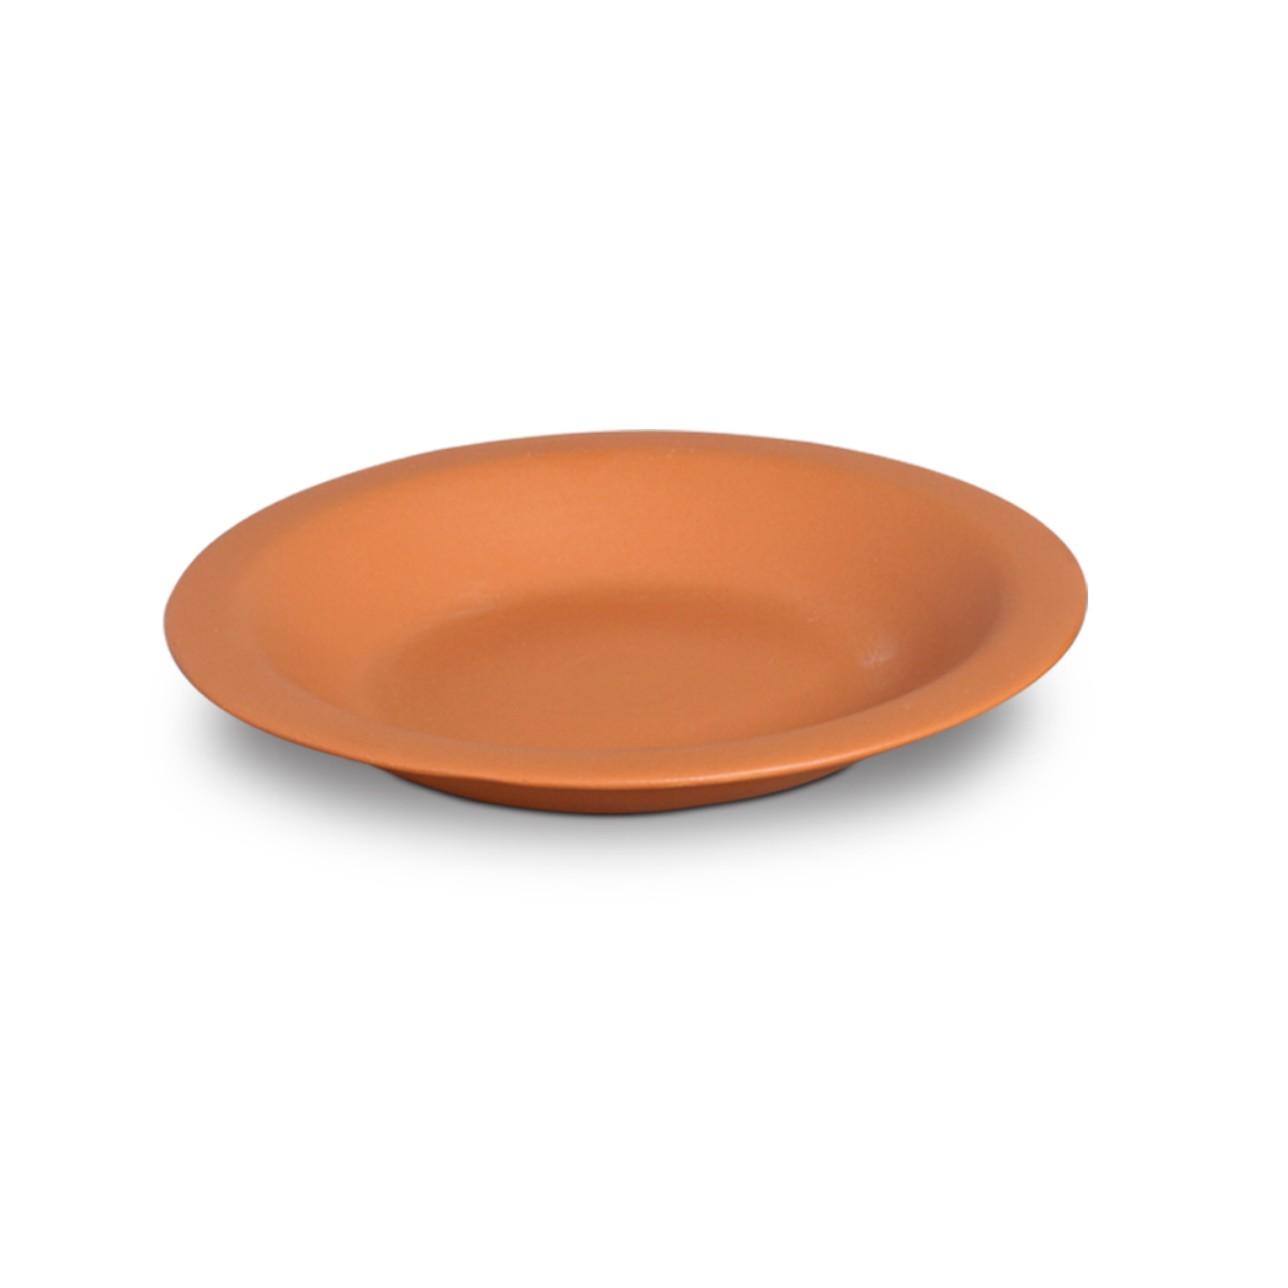 Prato Fundo Redondo em Ceramica Tijolo 23cm - Nova Imagem